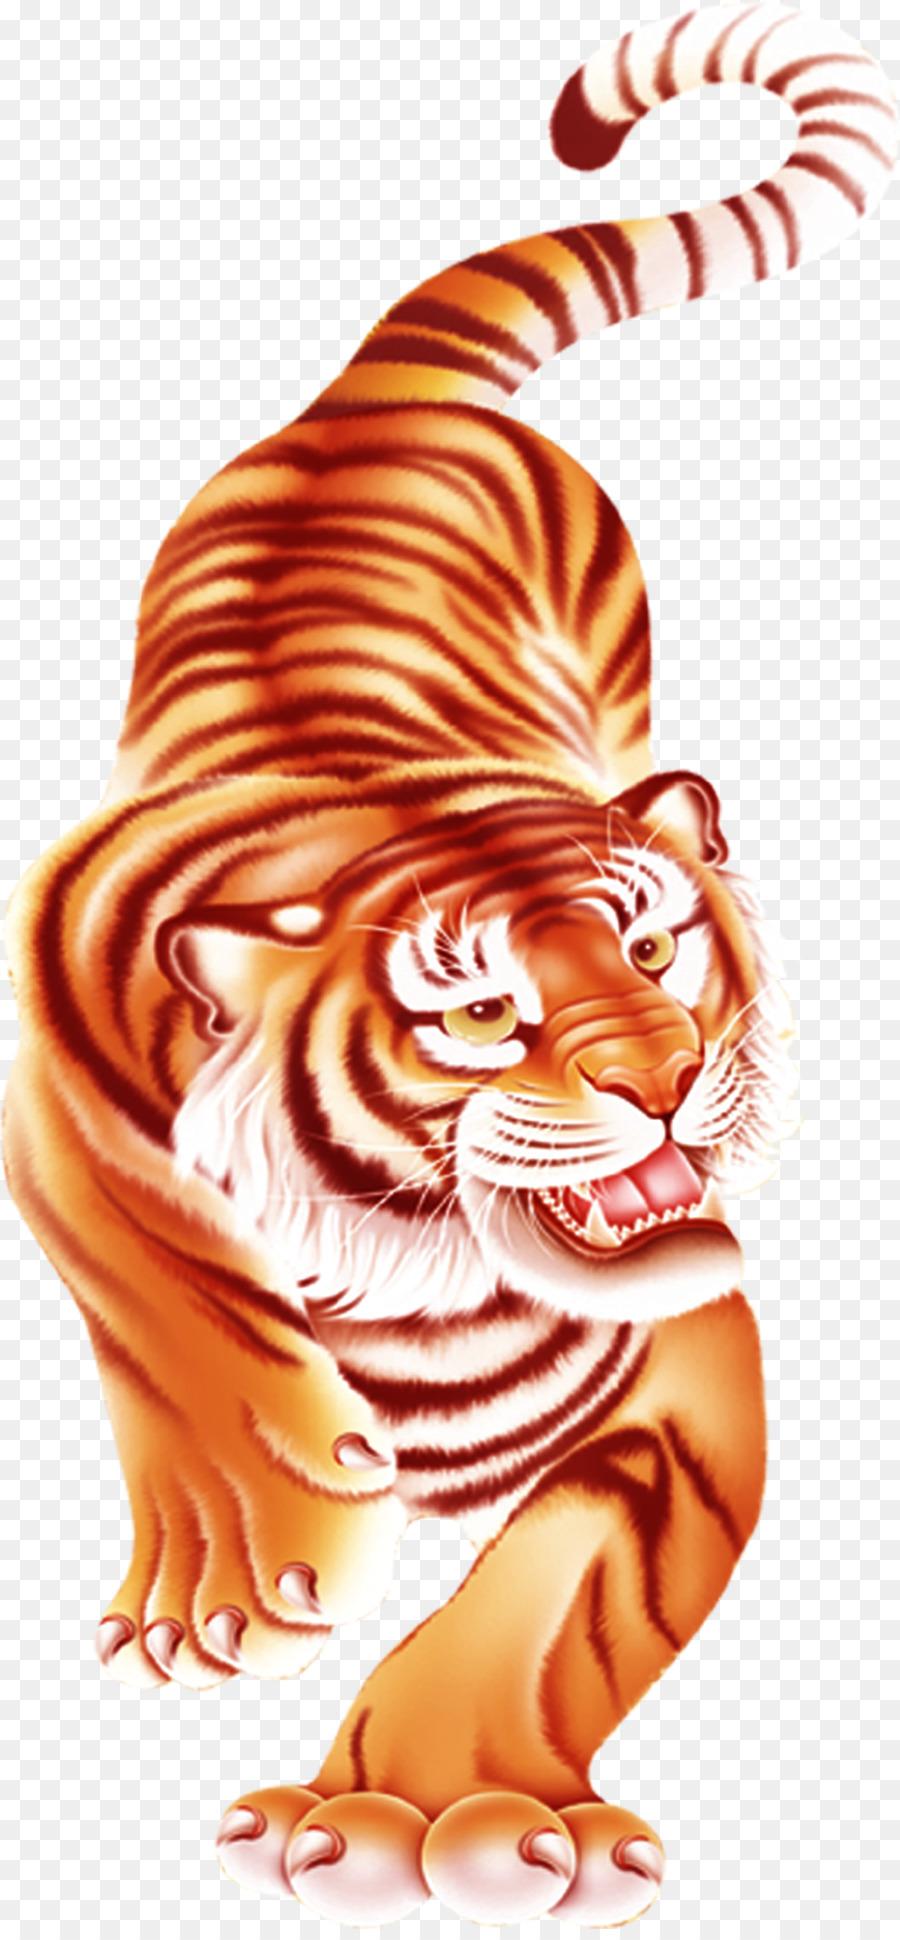 Descarga gratuita de Tigre, El Tigre De Oro, León Imágen de Png